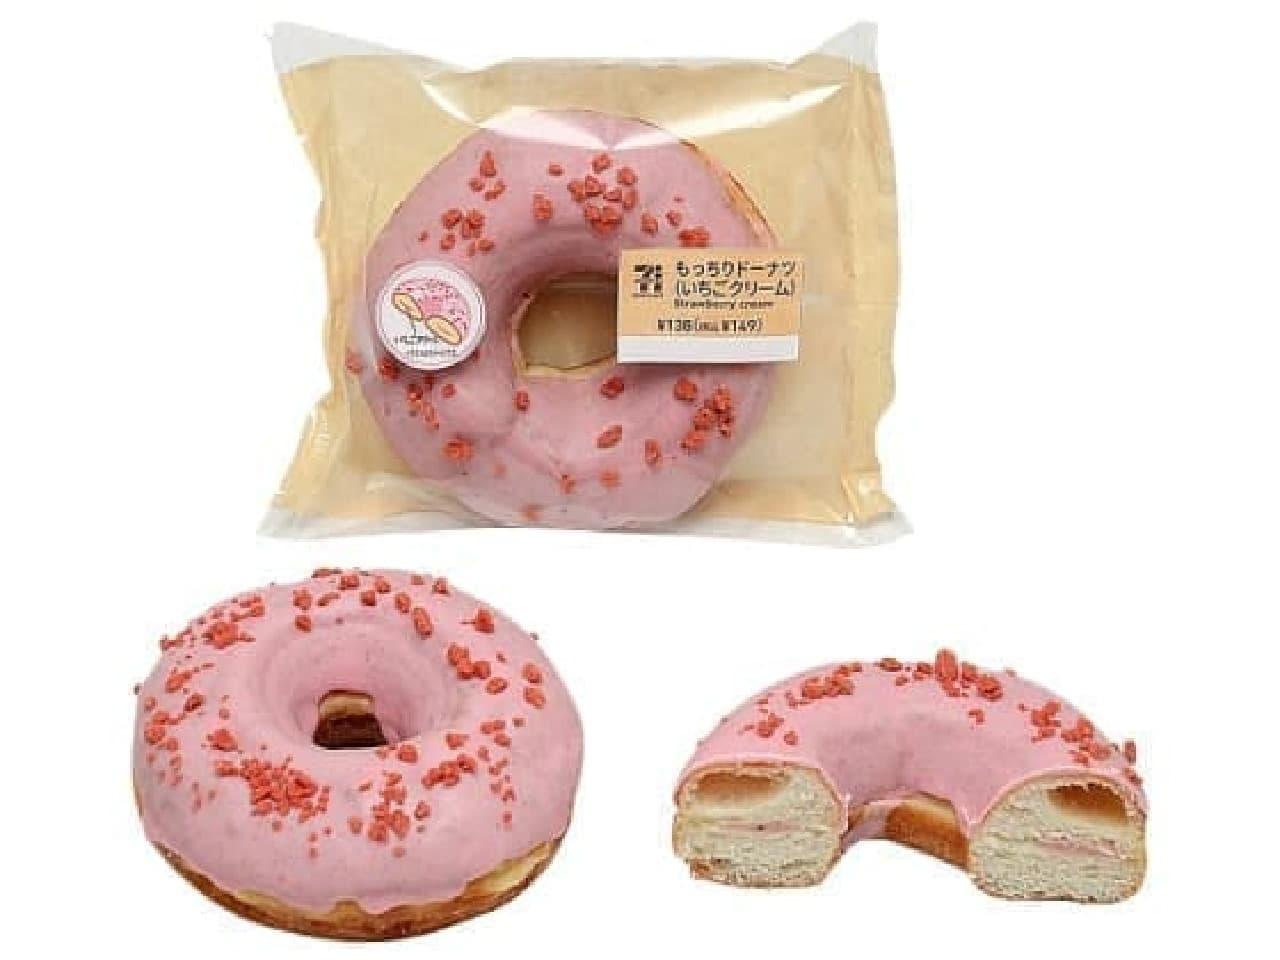 セブン-イレブン「もっちりドーナツ(いちごクリーム)」